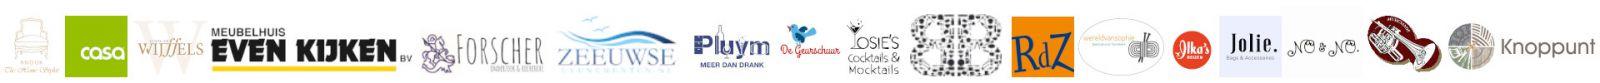 Verkoop lokaal in Zeeuws-Vlaanderen